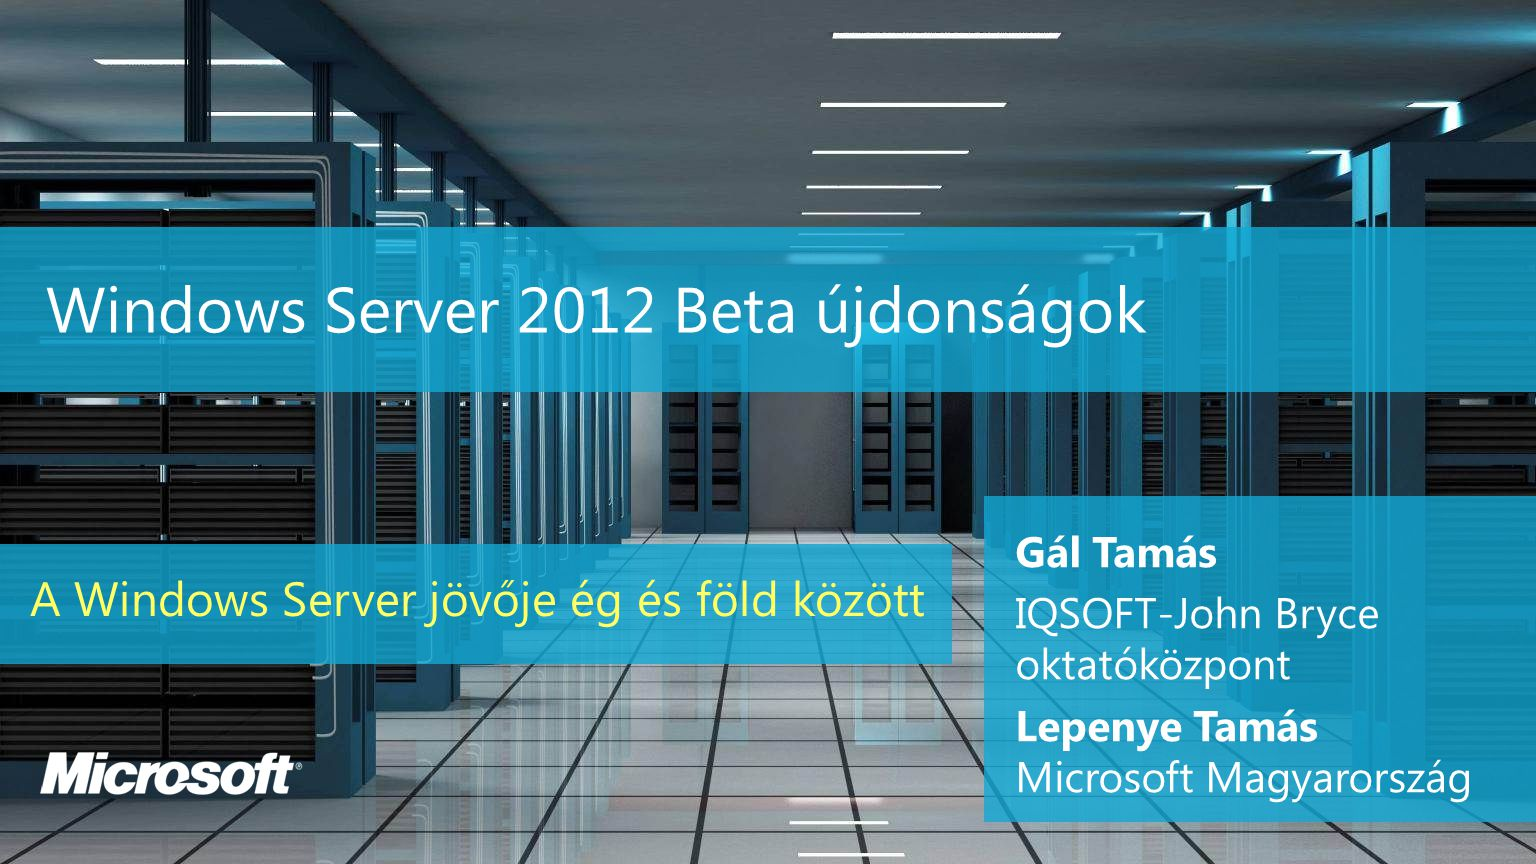 Windows Server 2012 Beta újdonságok A Windows Server jövője ég és föld között Gál Tamás IQSOFT-John Bryce oktatóközpont Lepenye Tamás Microsoft Magyar